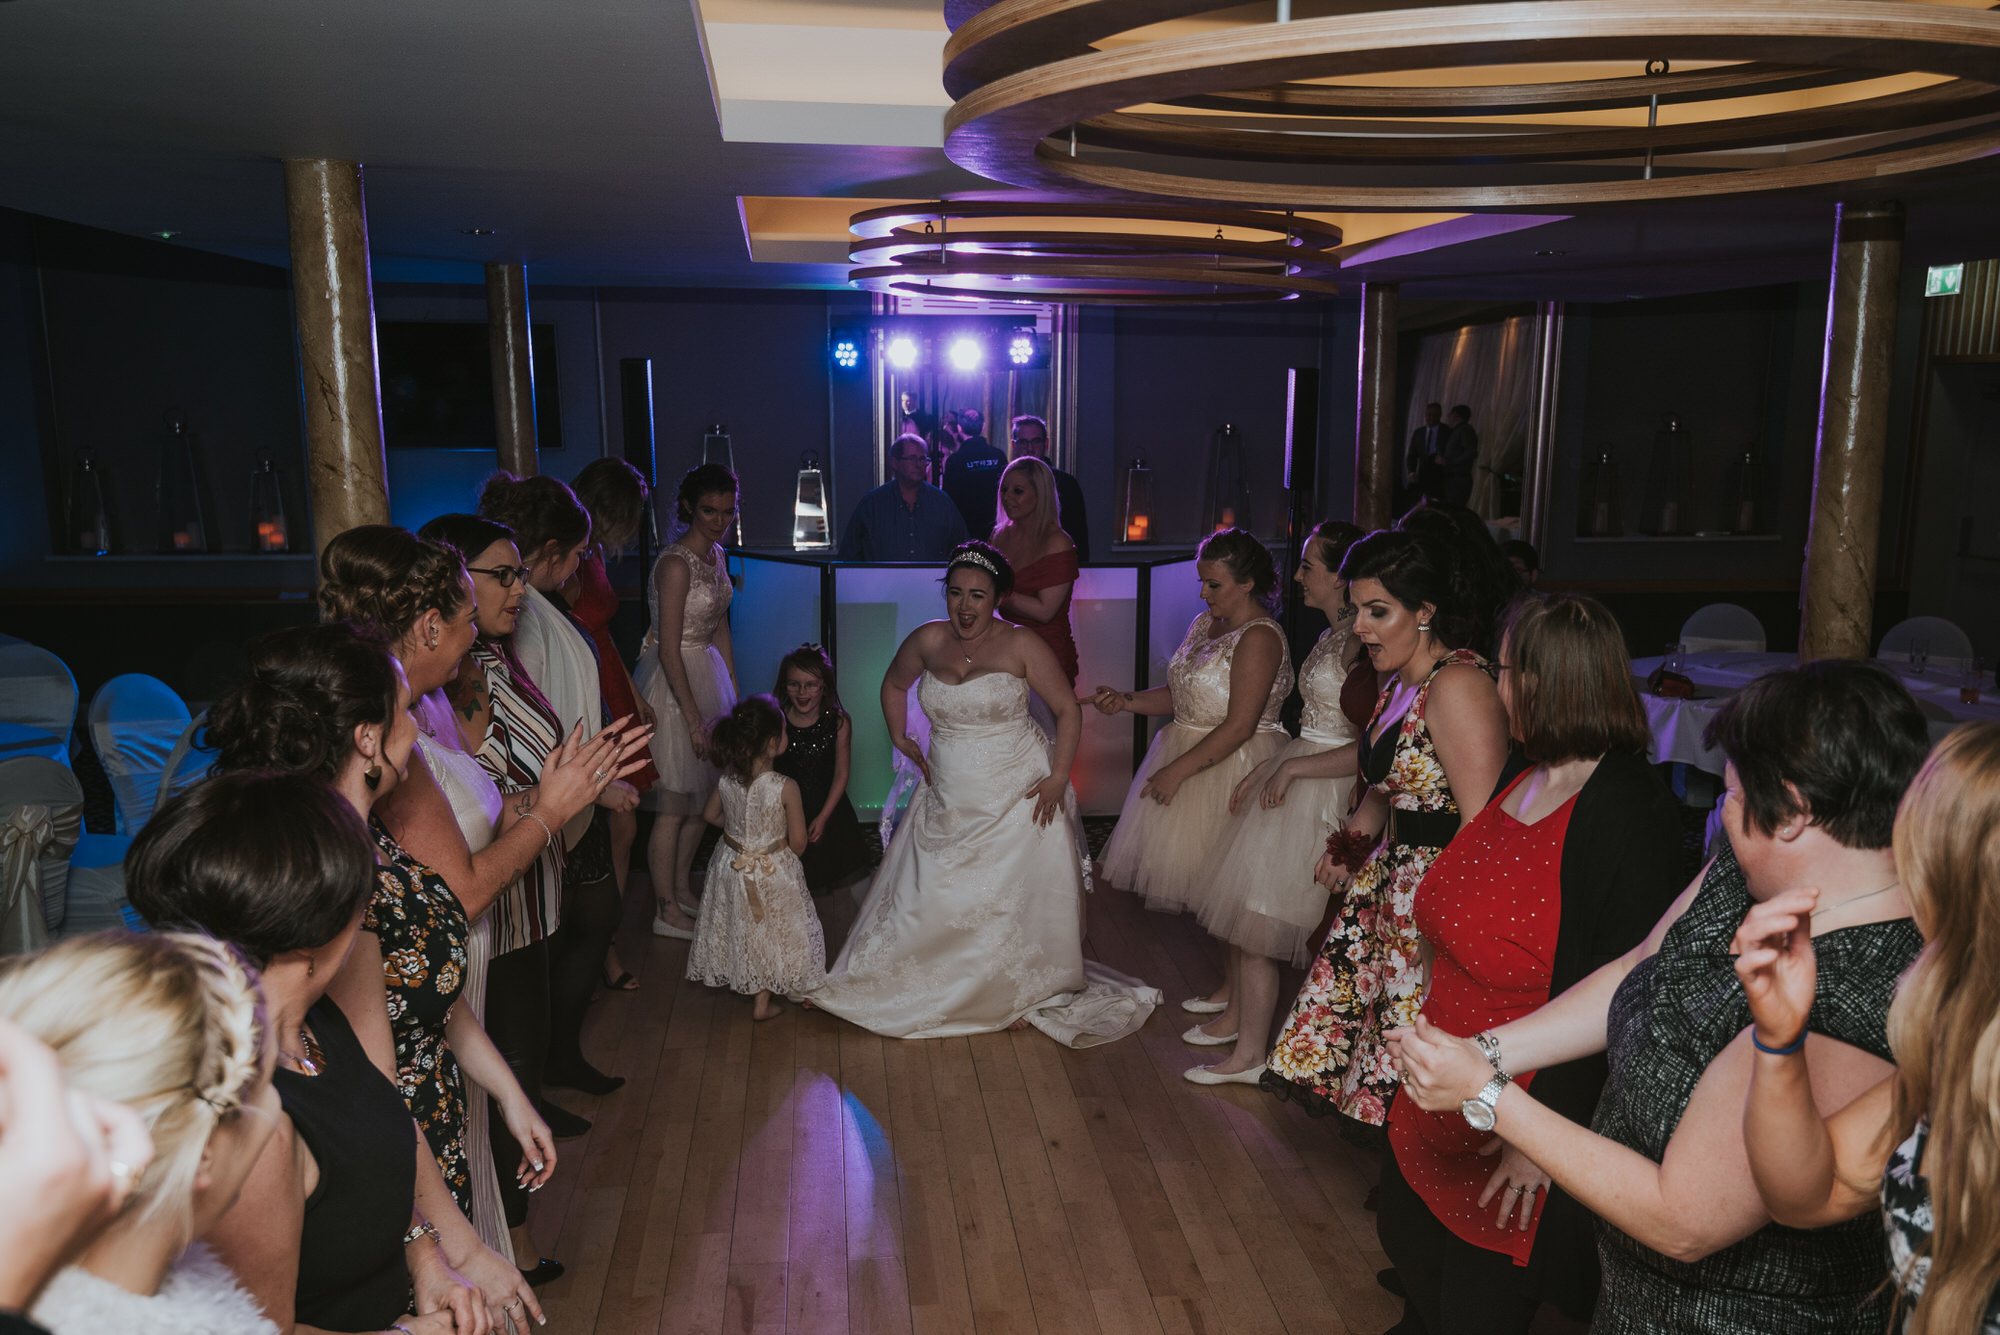 wedding photographer belfast ten square hotel dancing women